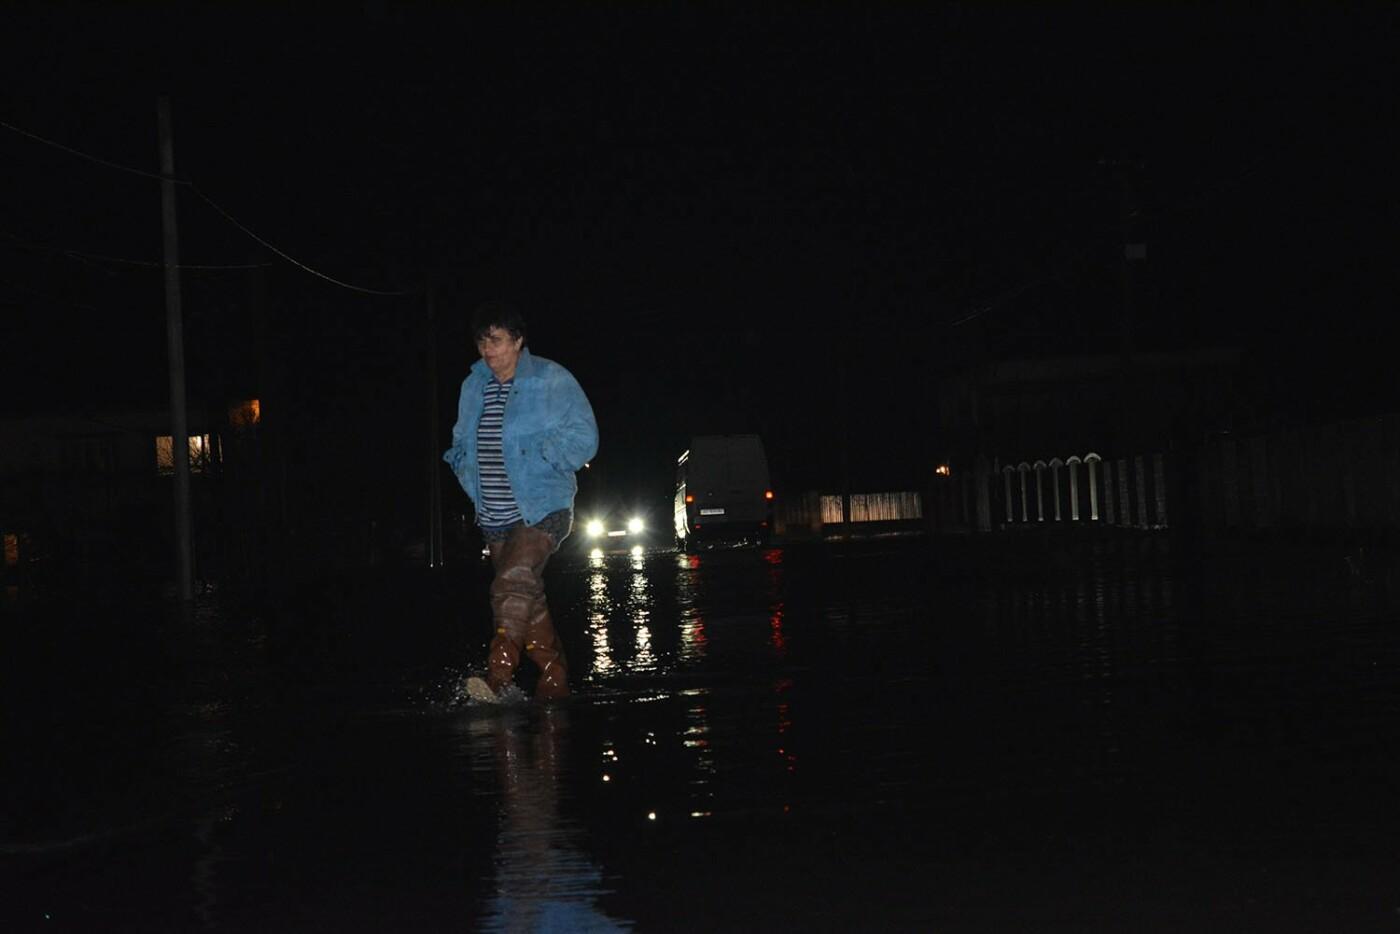 Ситуація стабілізувалася: на Закарпатті човнами евакуювали людей, постраждалих від паводку (ФОТО, ВІДЕО), фото-5